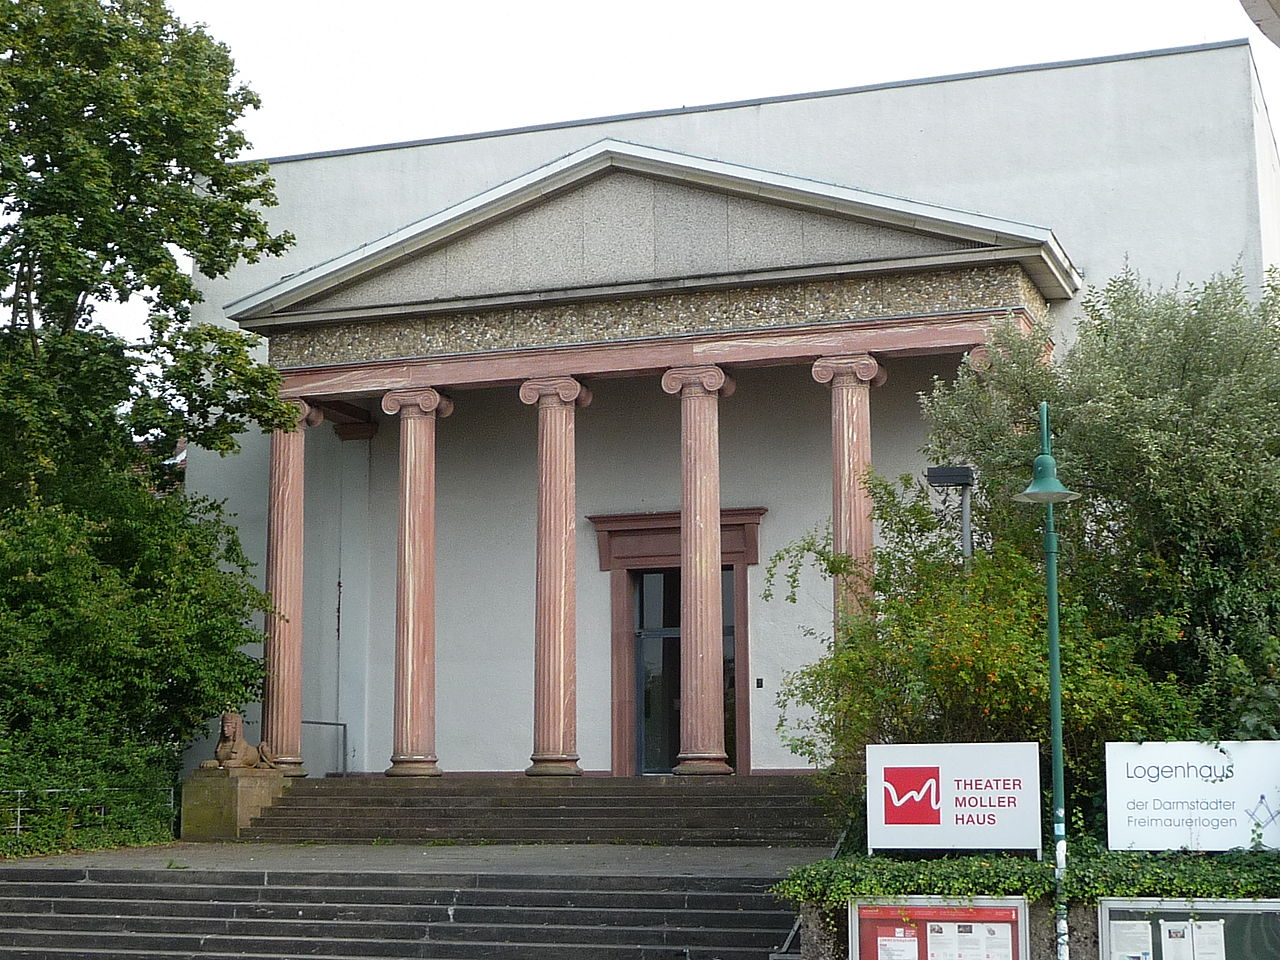 Bild Moller Haus Darmstadt